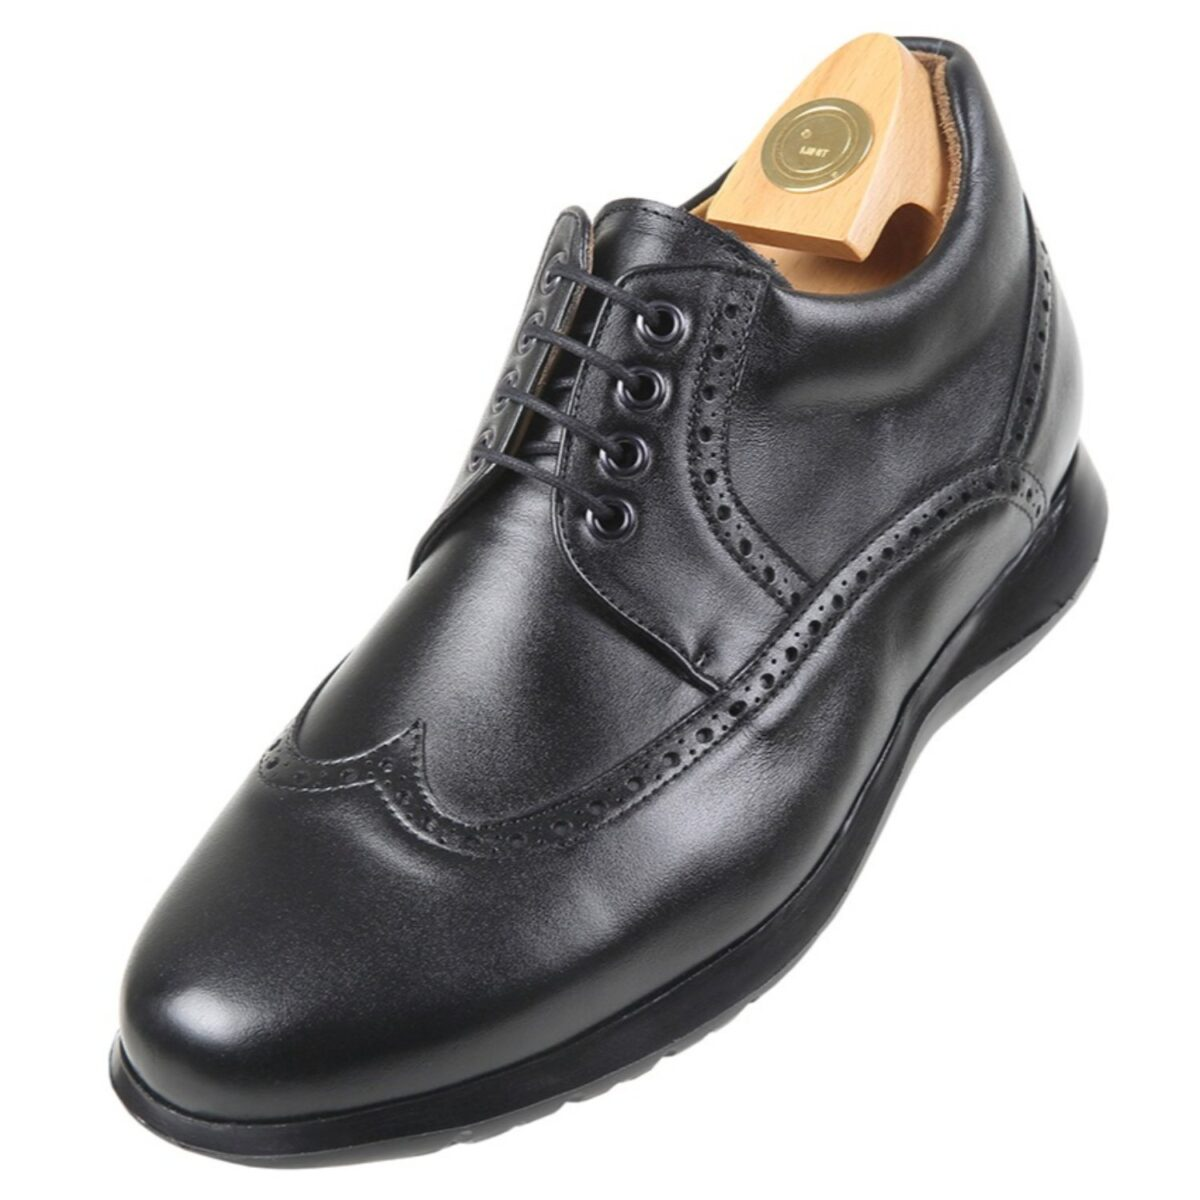 Zapatos con Alzas modelo 6027 Nc - HiPlus